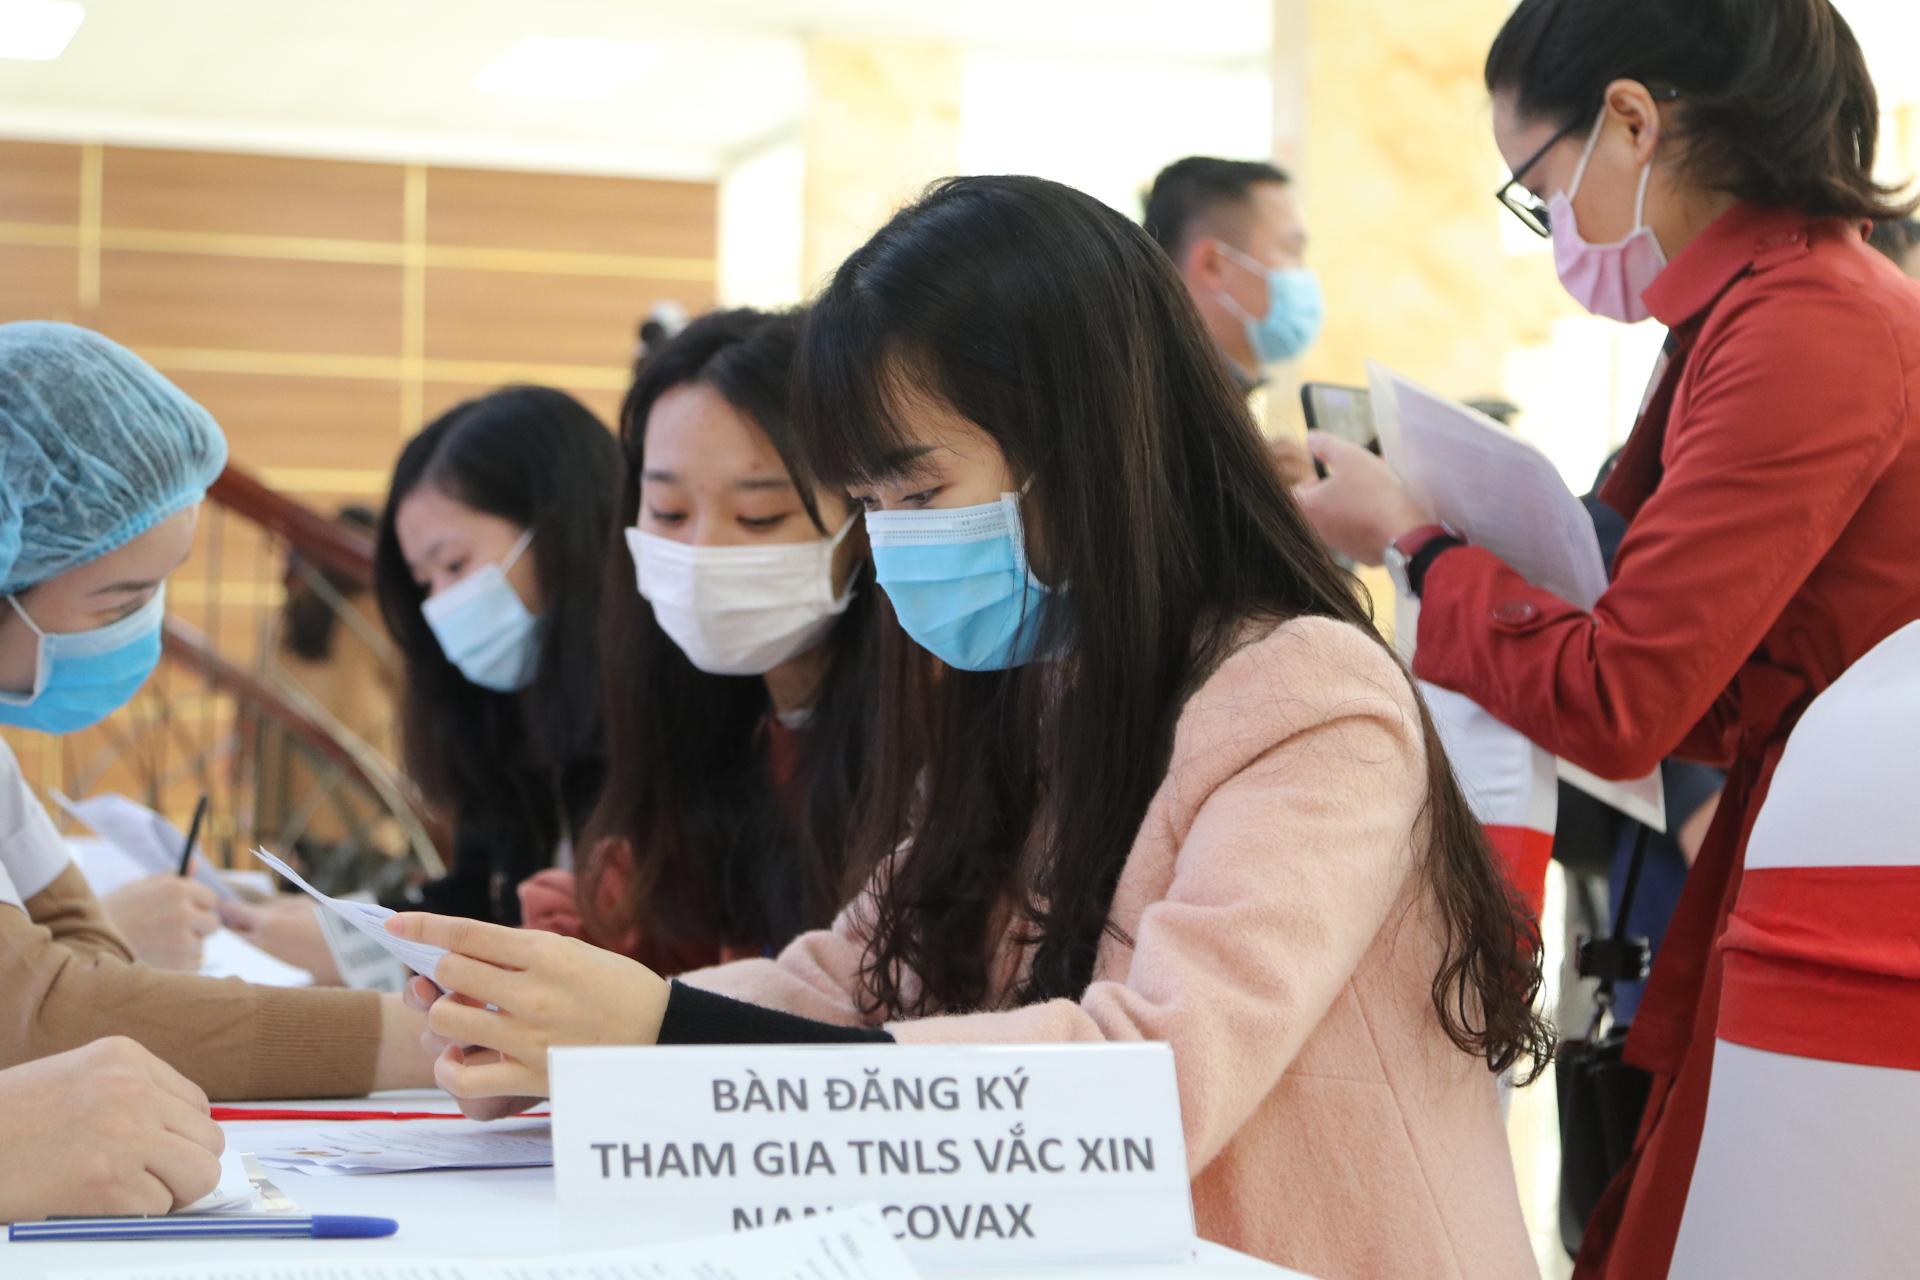 Giá vắc xin COVID-19 đầu tiên của Việt Nam dự kiến 120.000 đồng/ liều - Ảnh 1.